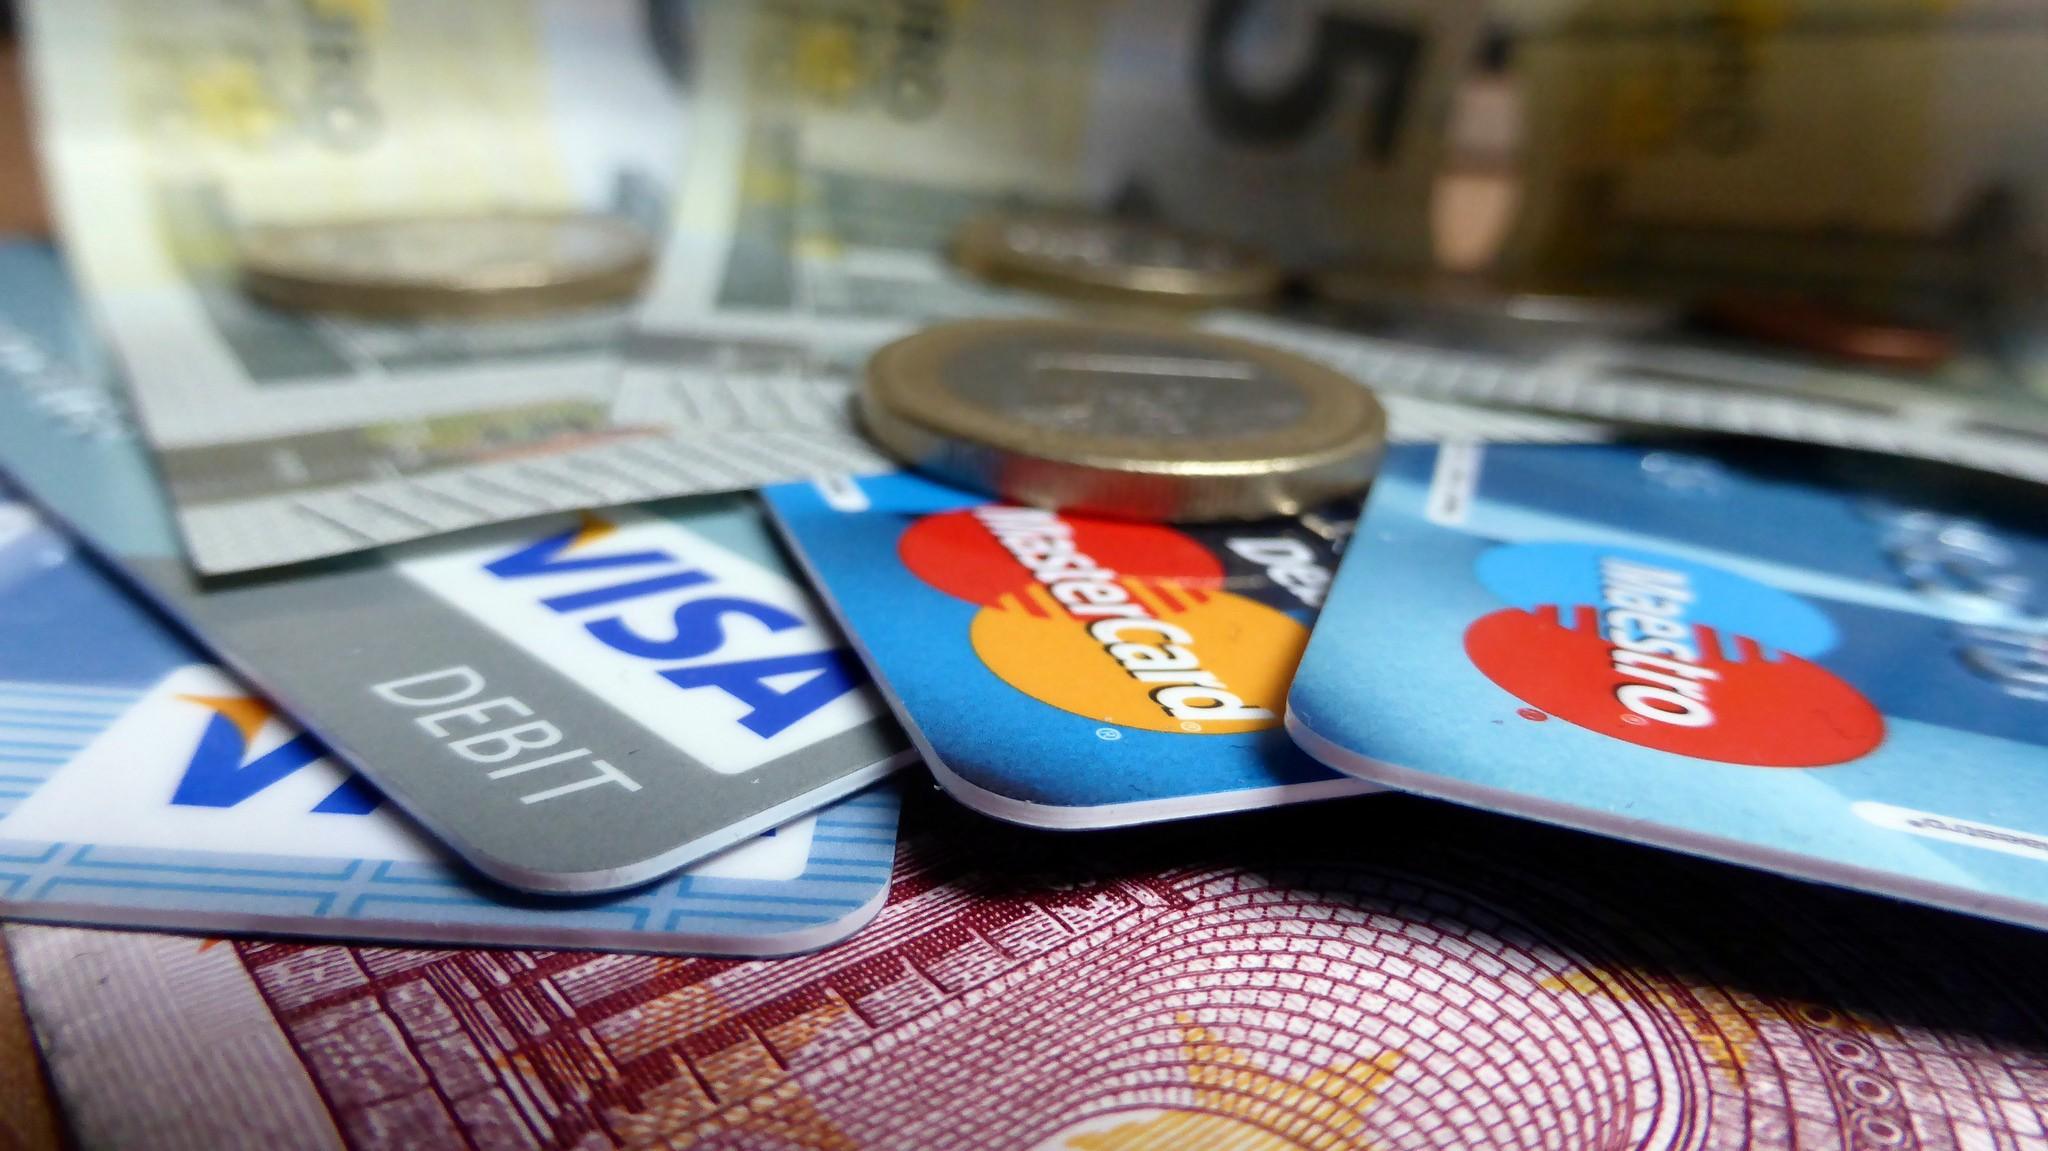 比起傳統金融體系,區塊鏈是種新興的賦能科技(photo via Sean MacEntee@flickr, CC License)